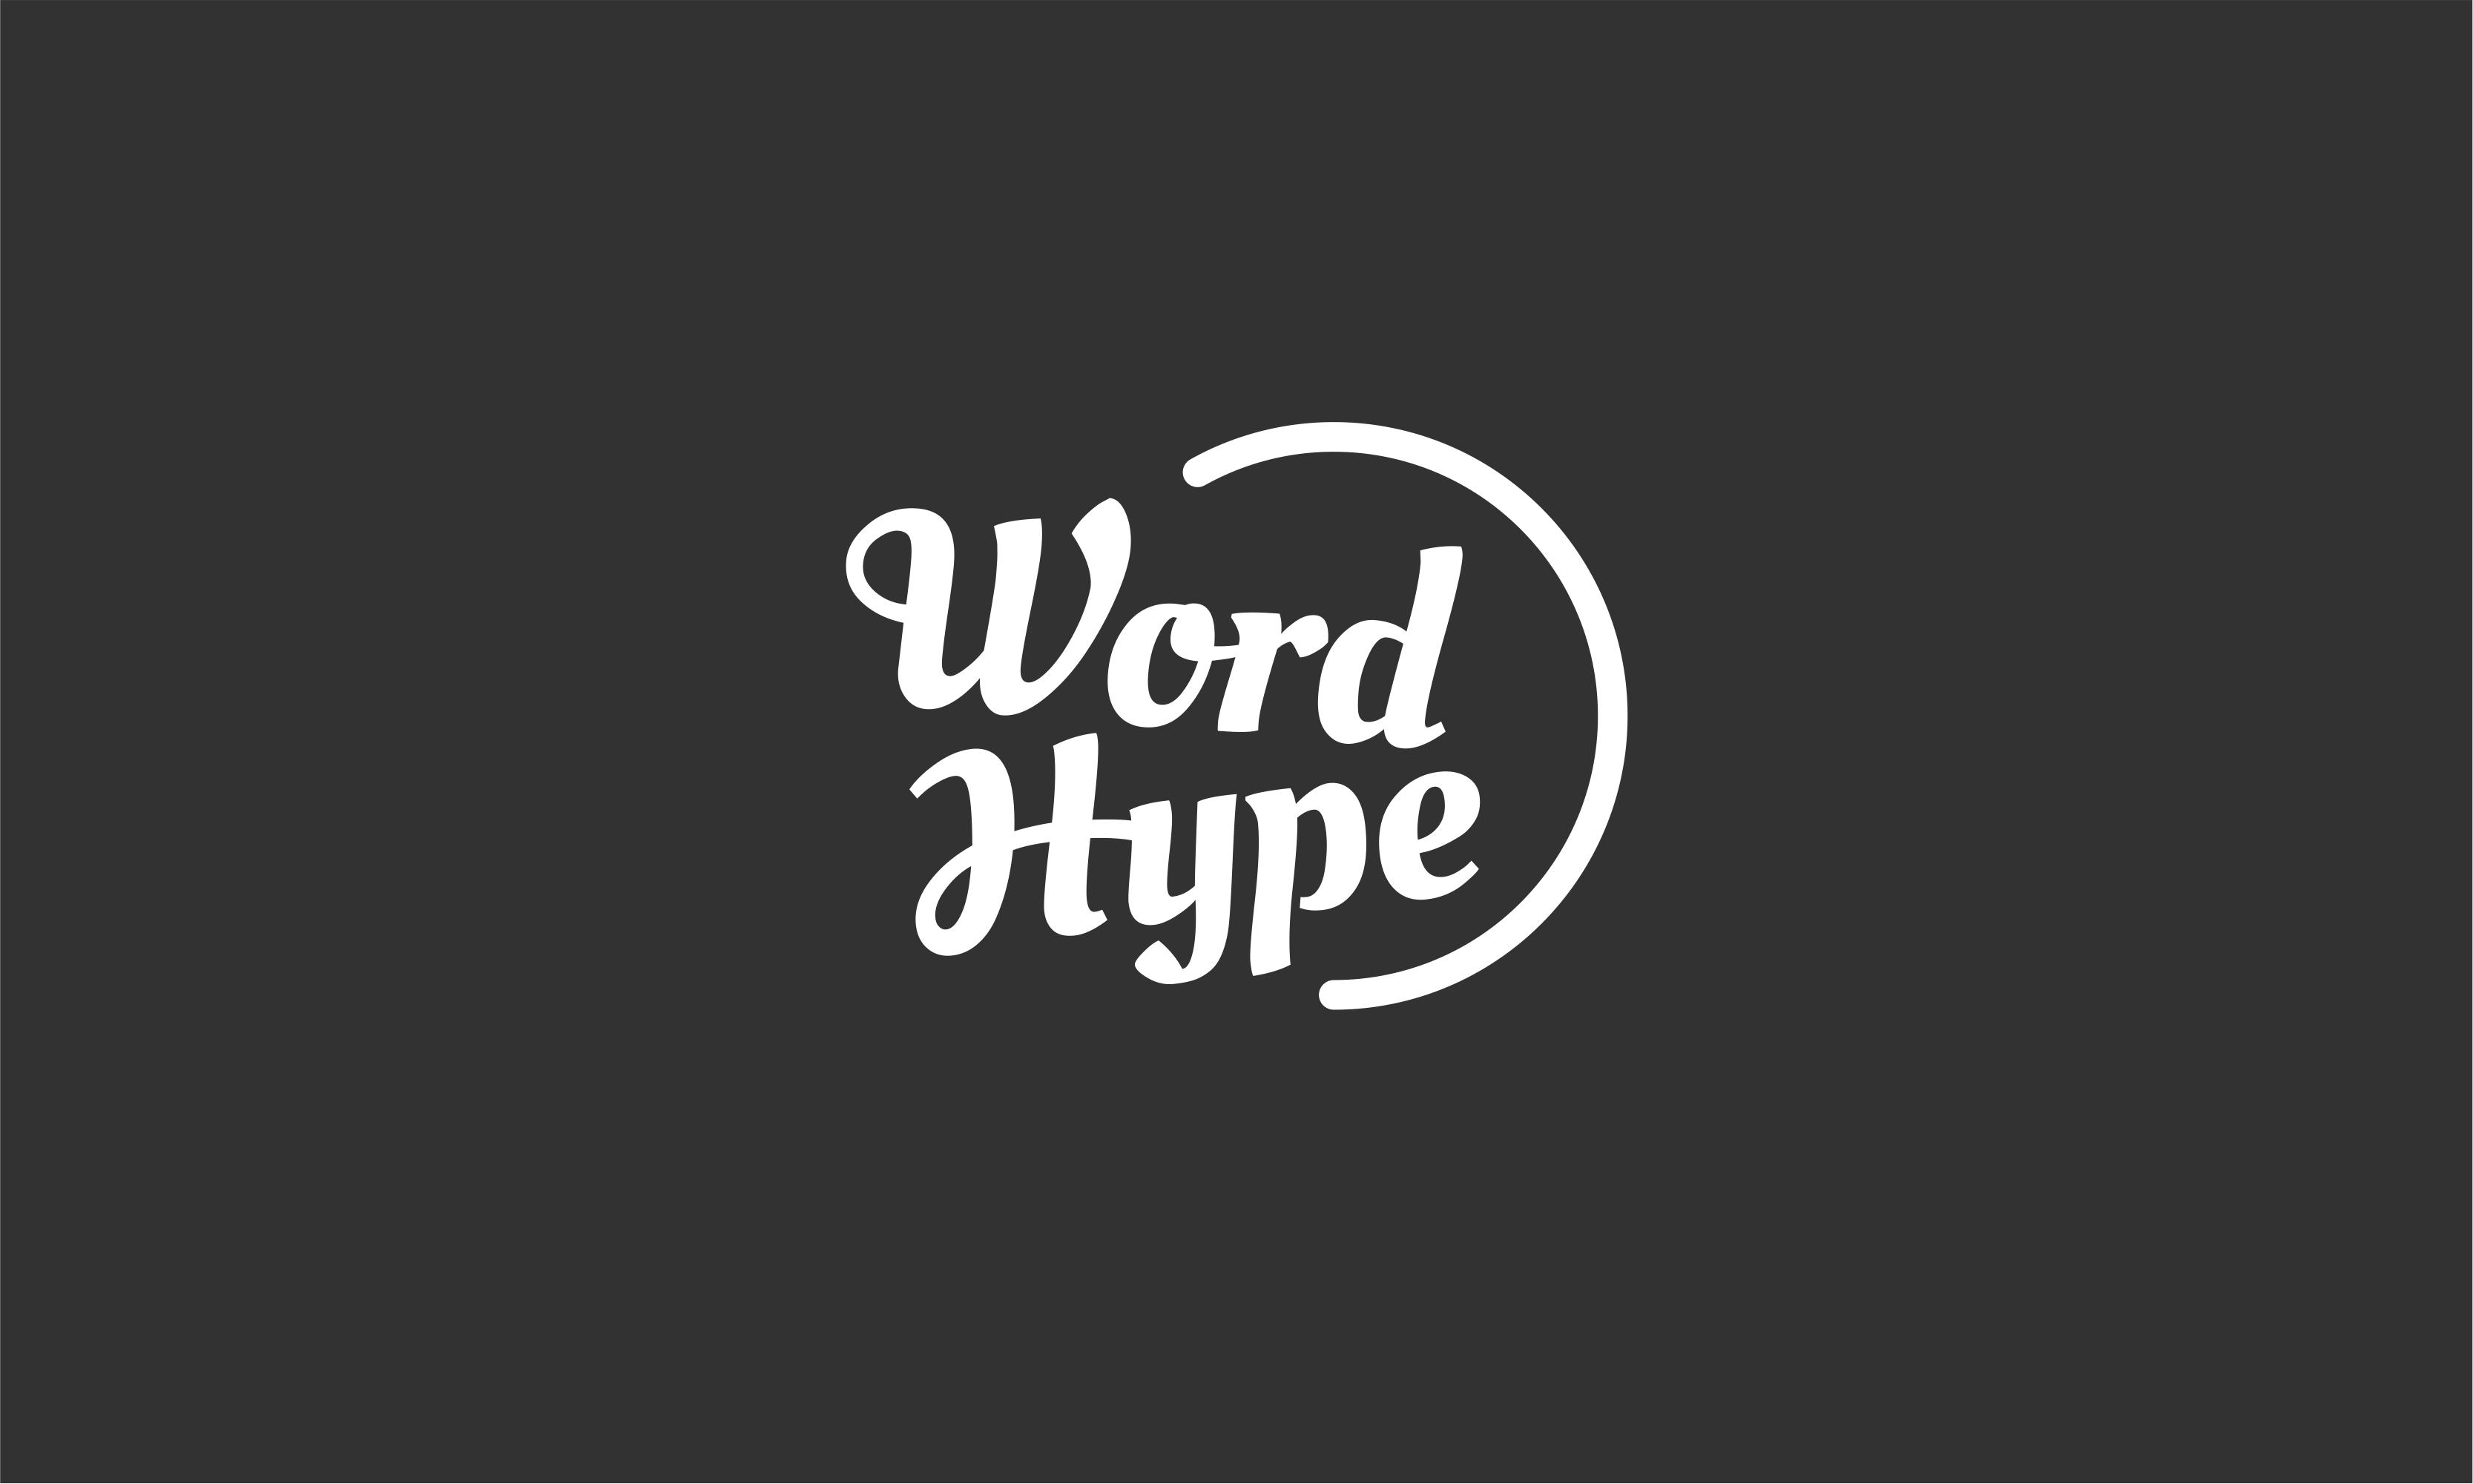 Wordhype